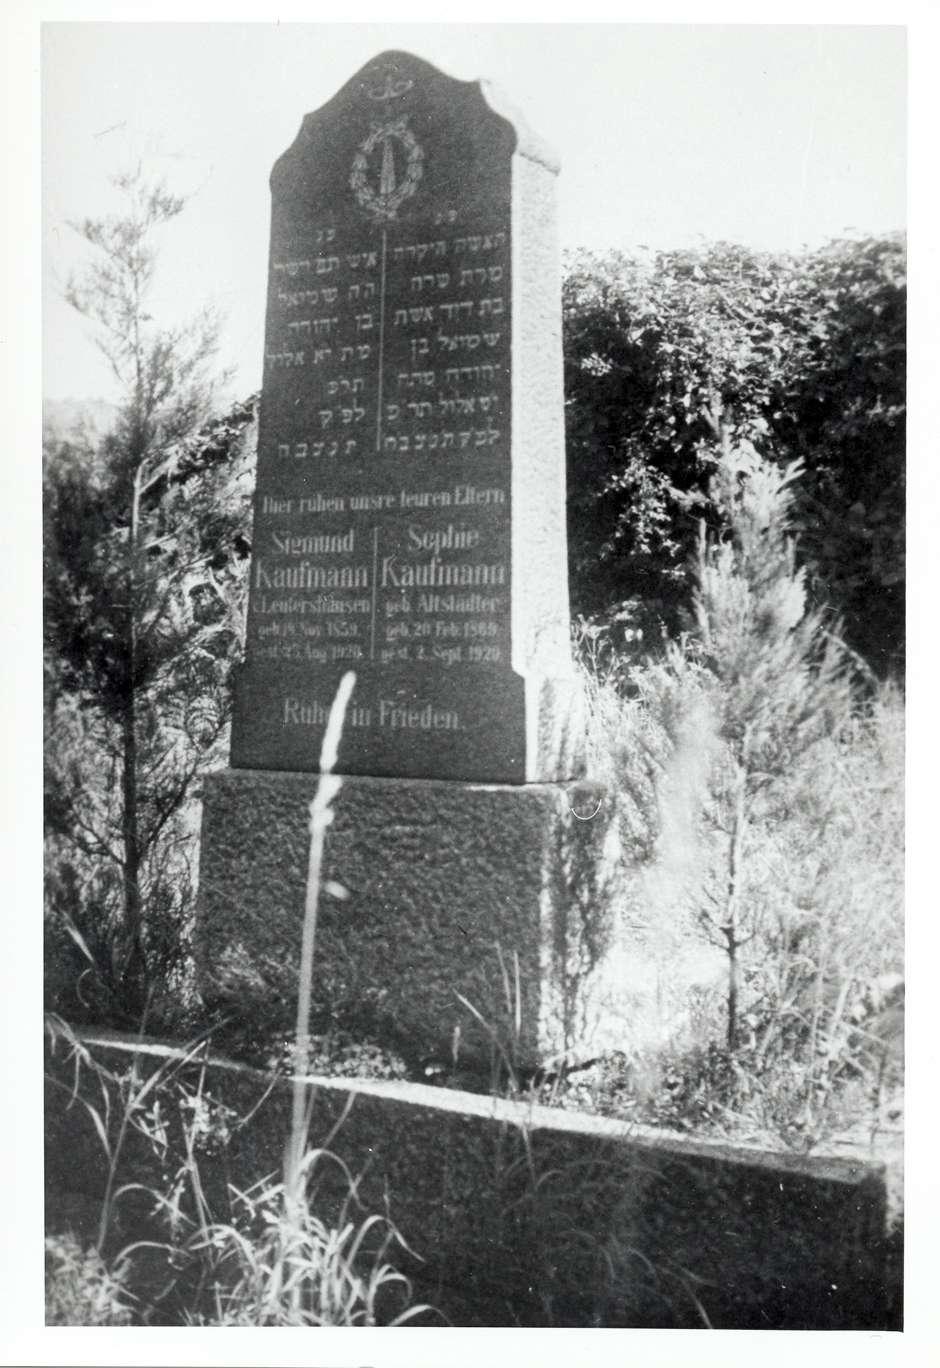 Hemsbach, HD; Jüdischer Friedhof, Grabstein des Sigmund Kaufmann (1859-1920) und seiner Ehefrau Sophie Kaufmann geb. Altstädter (1869-1920) in Hebräisch und Deutsch, Bild 1